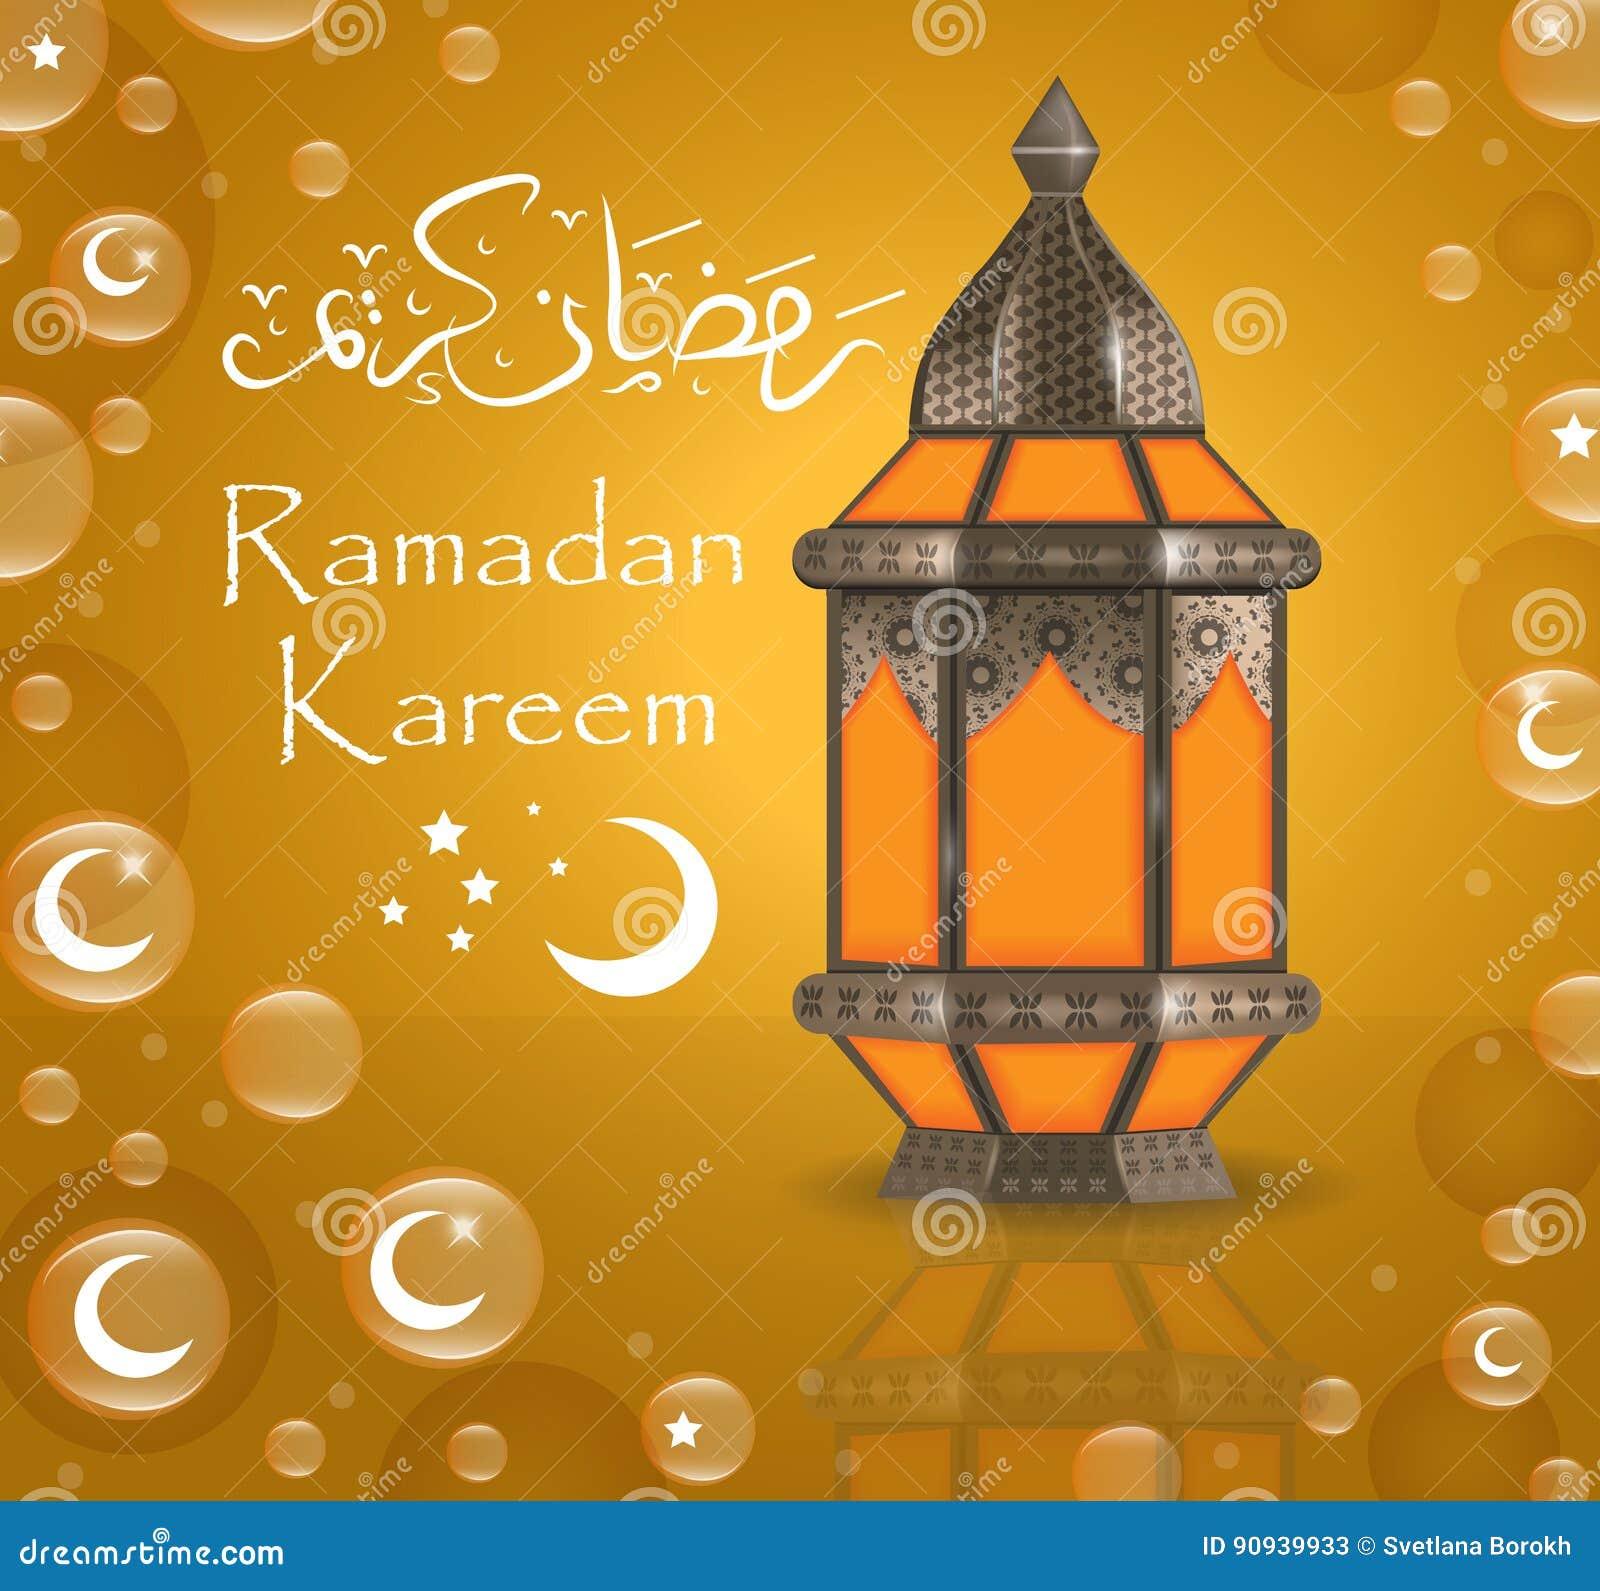 Tarjeta De Felicitación De Ramadan Kareem Con Las Linternas